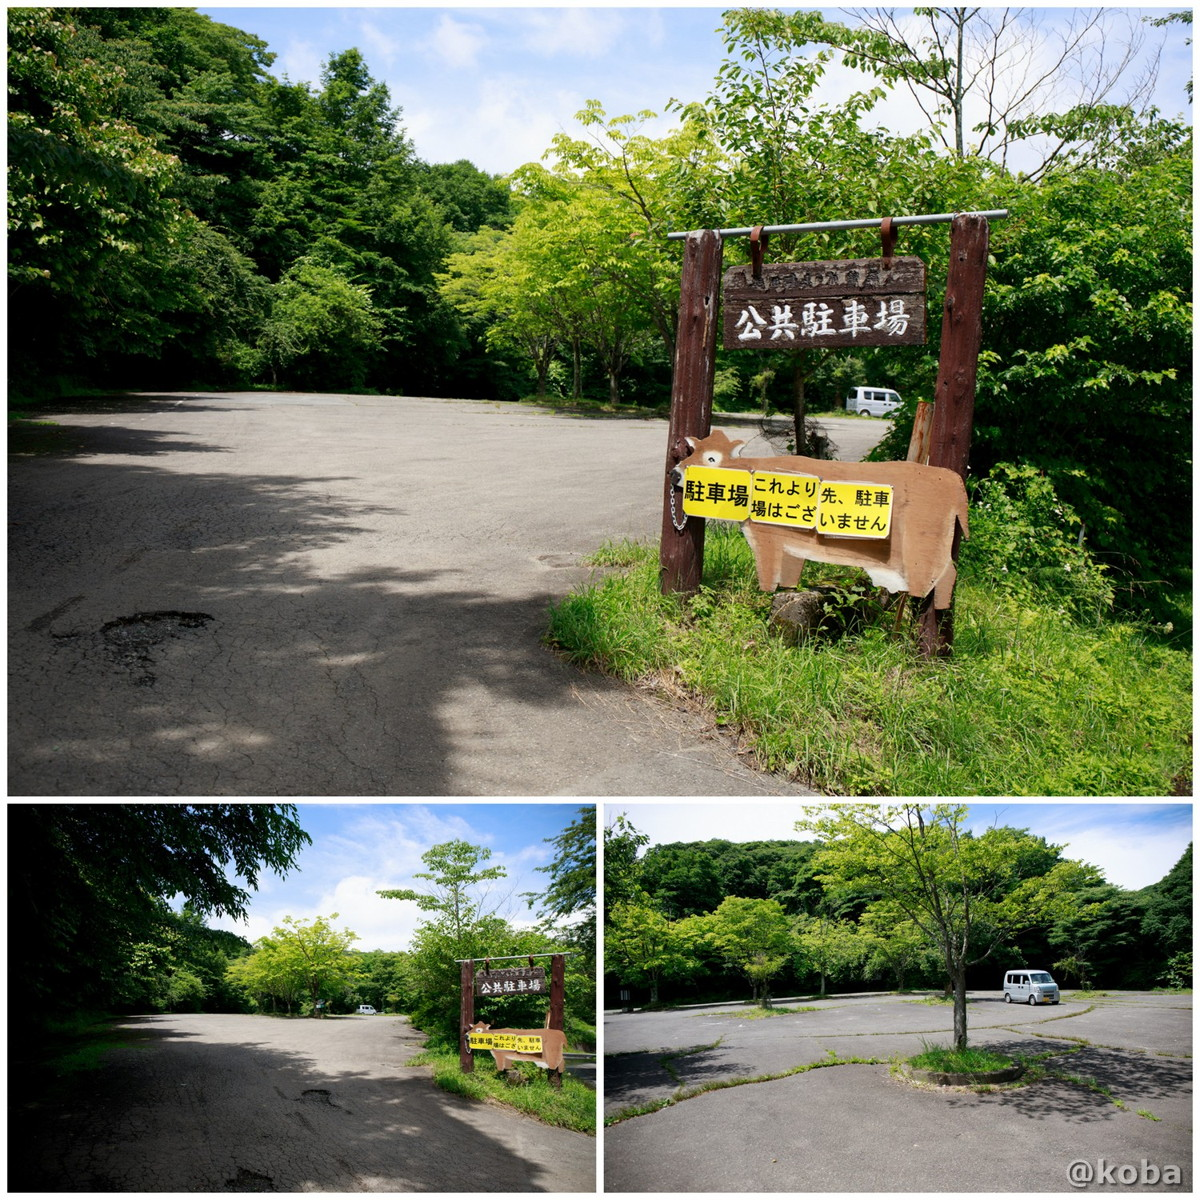 駐車場の写真 神津牧場(こうづぼくじょう)群馬県